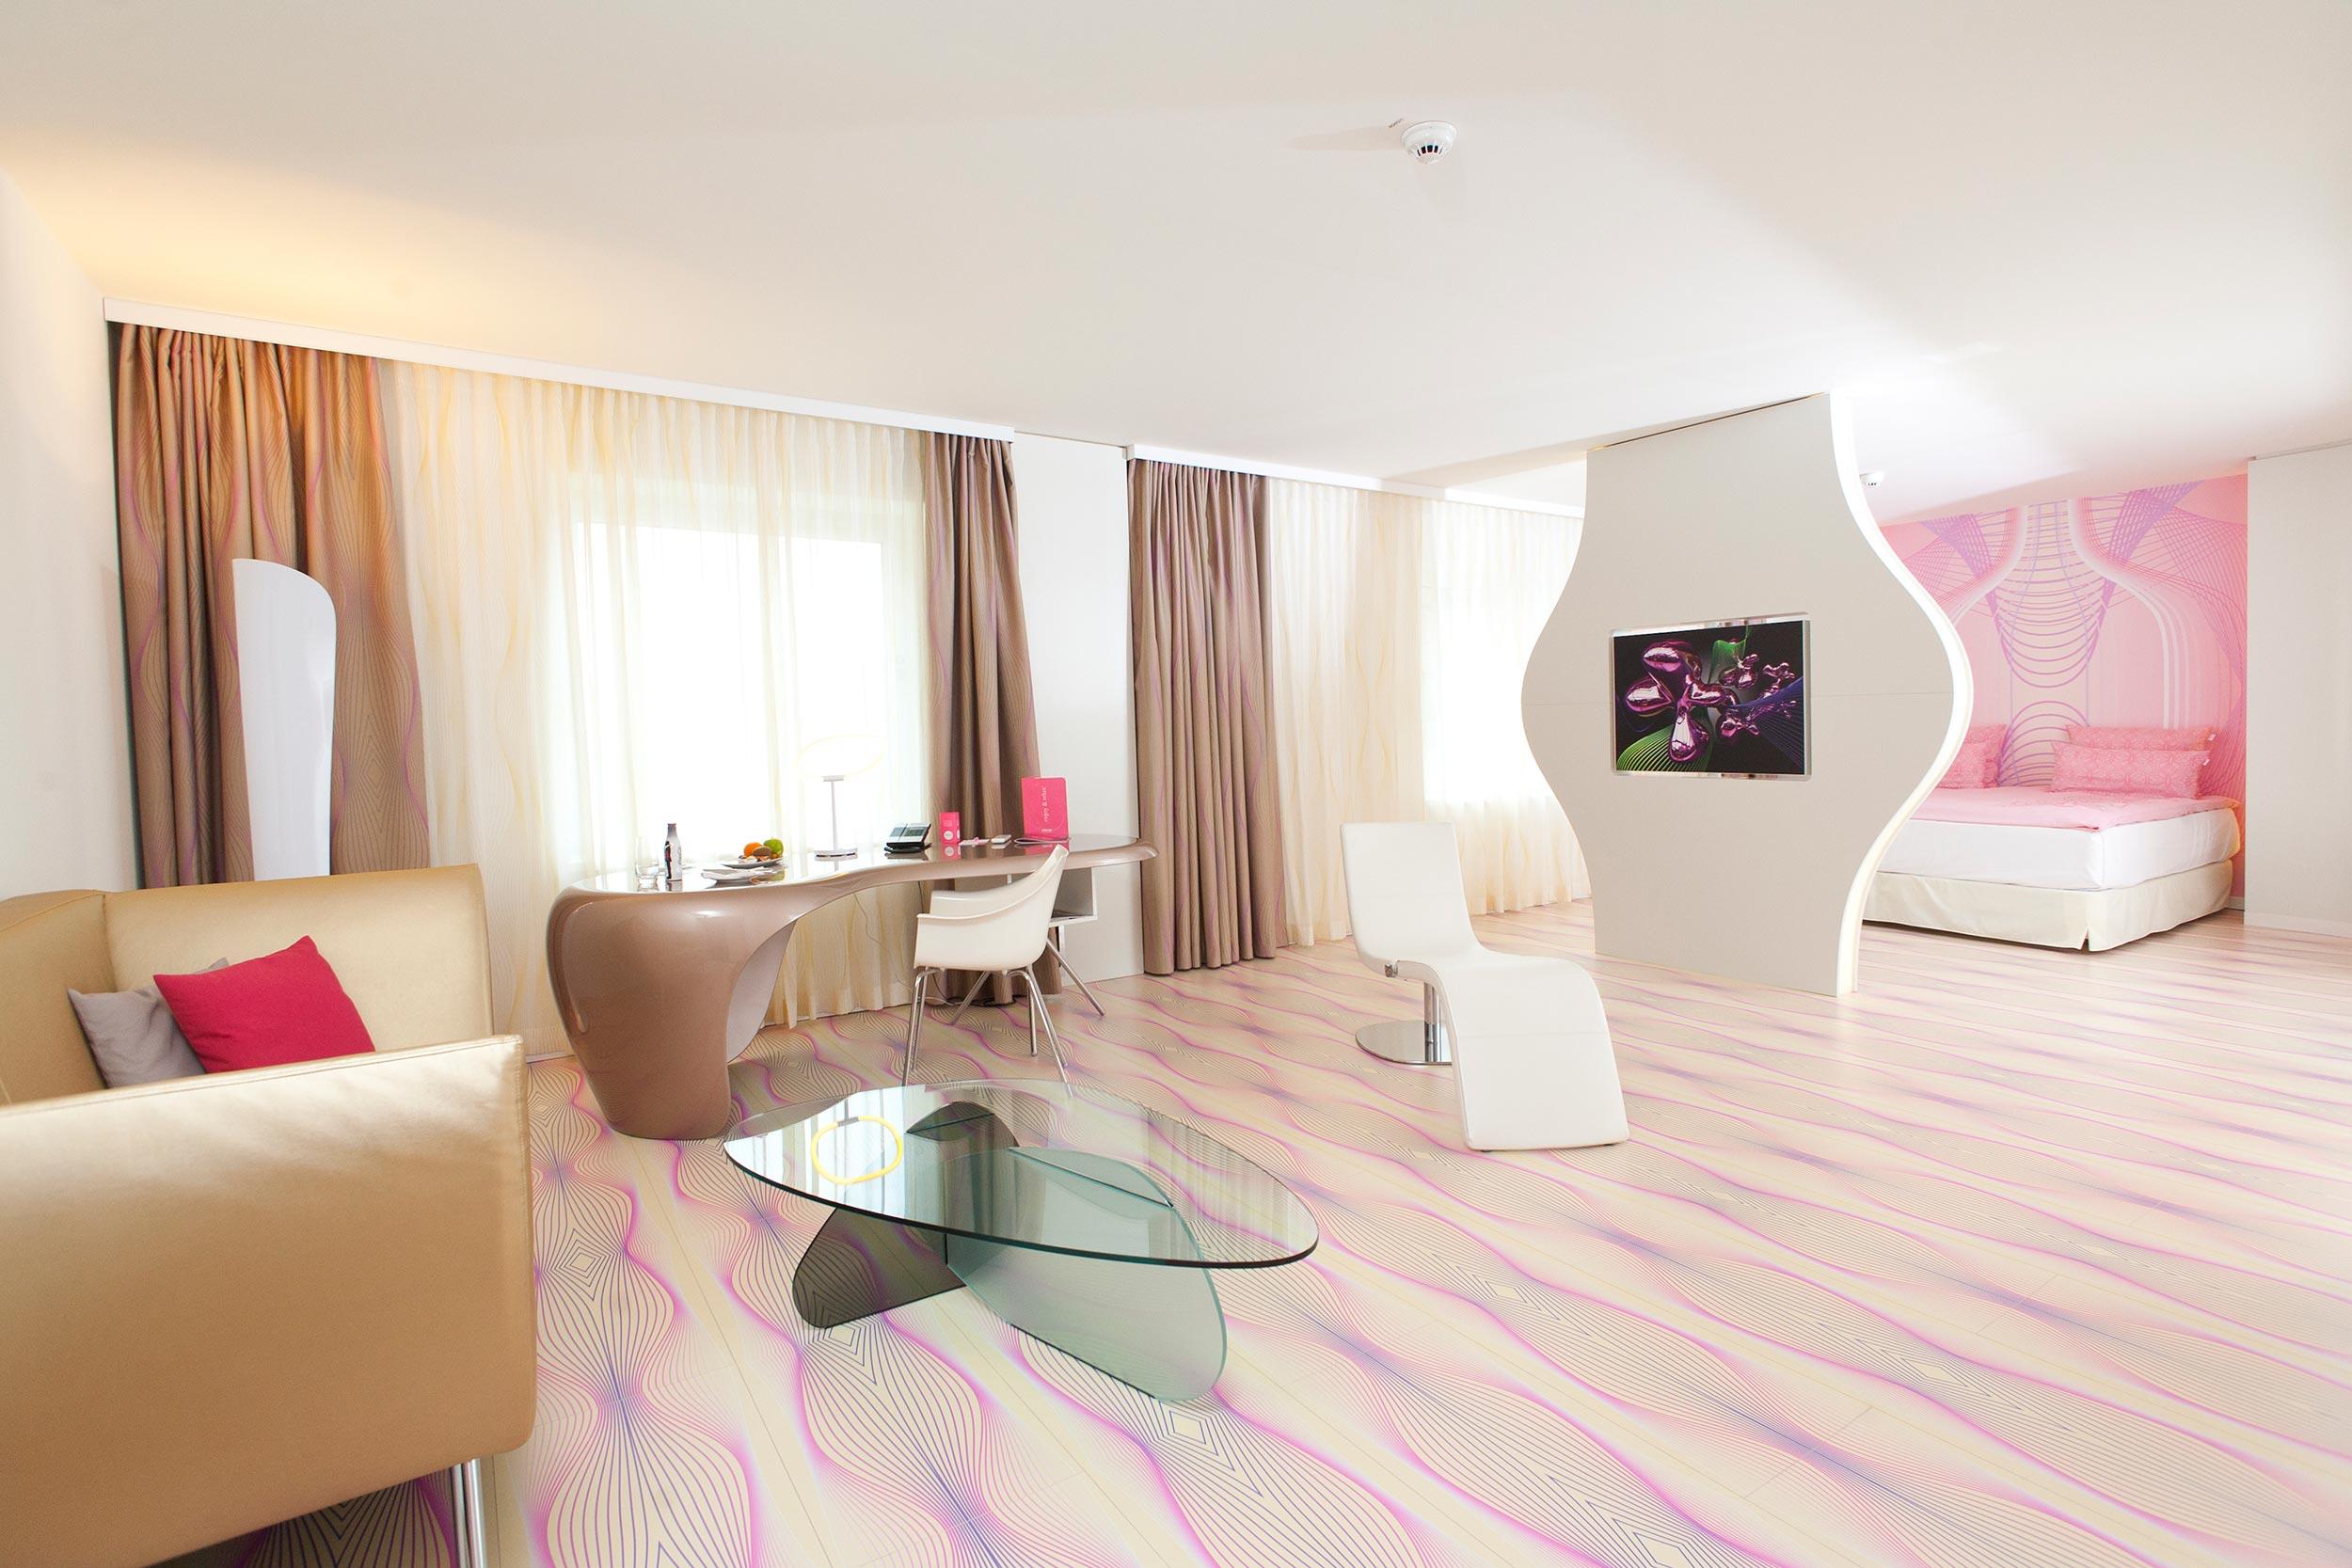 17 nhow Hotel Berlin Suite 1.jpg